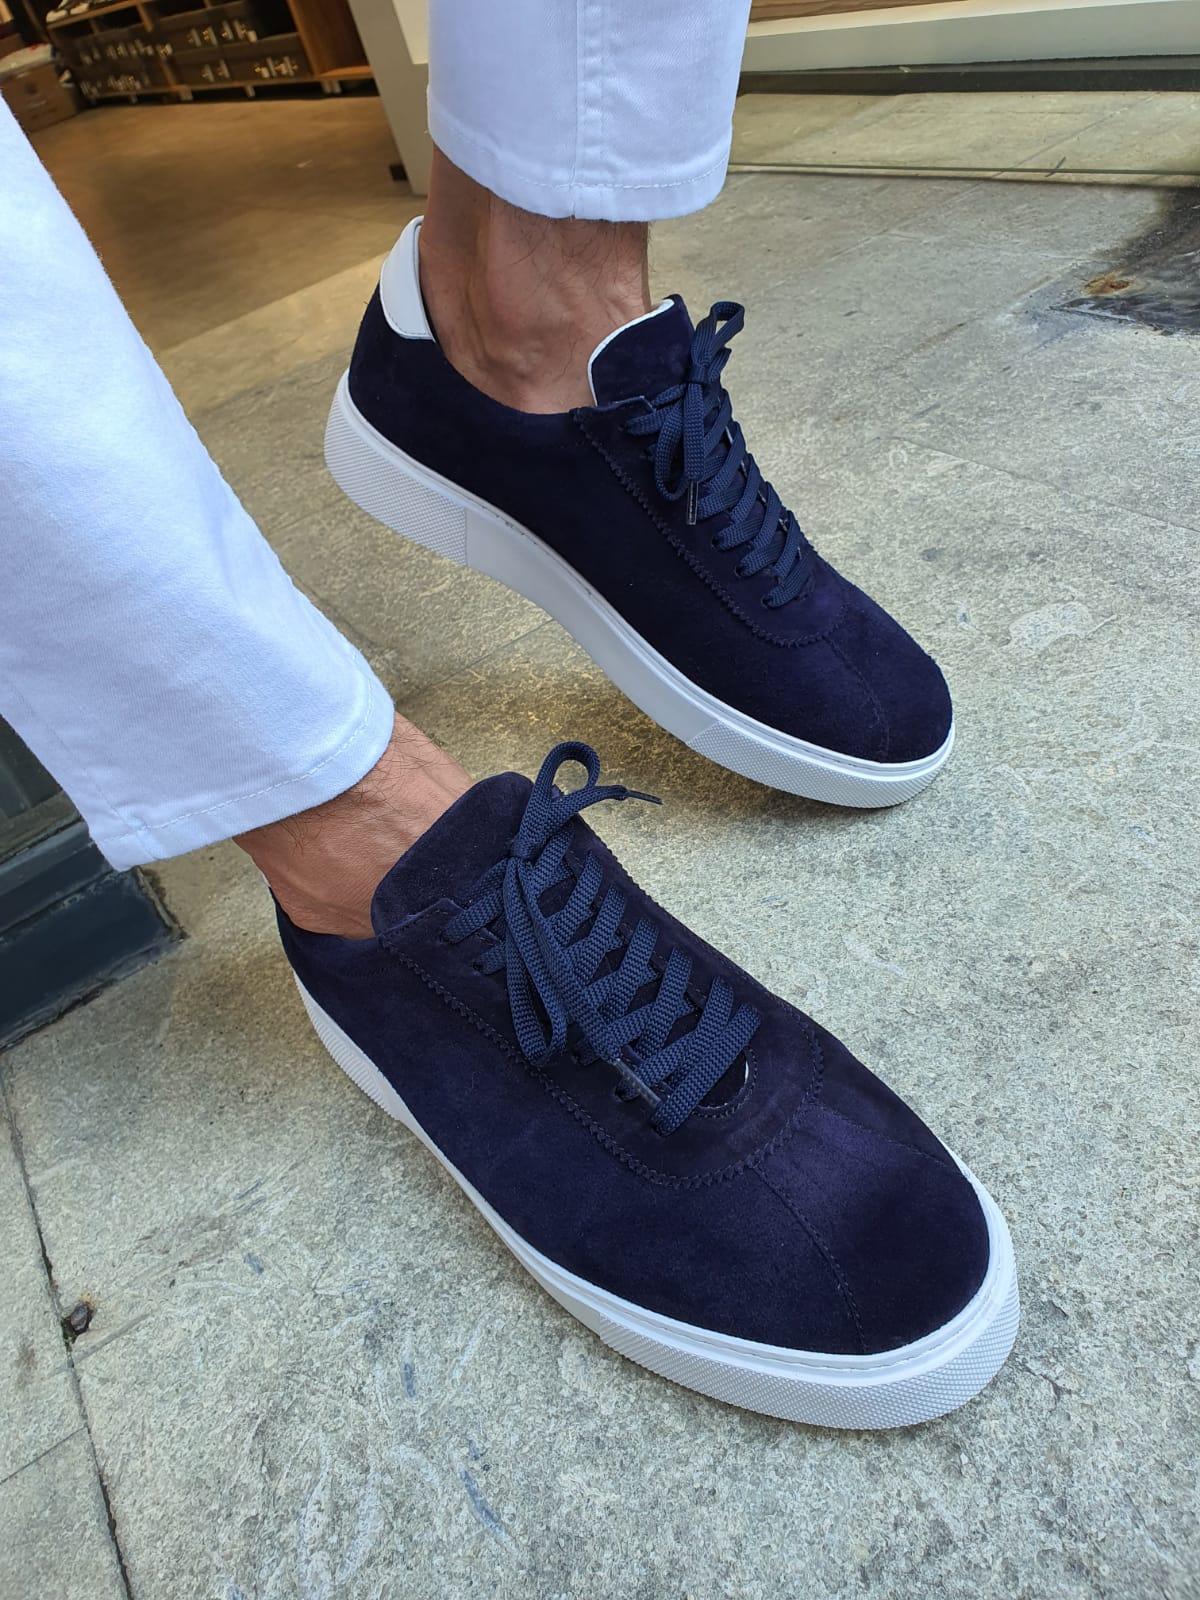 Buy Navy Blue Mid Top Suede Sneakers by